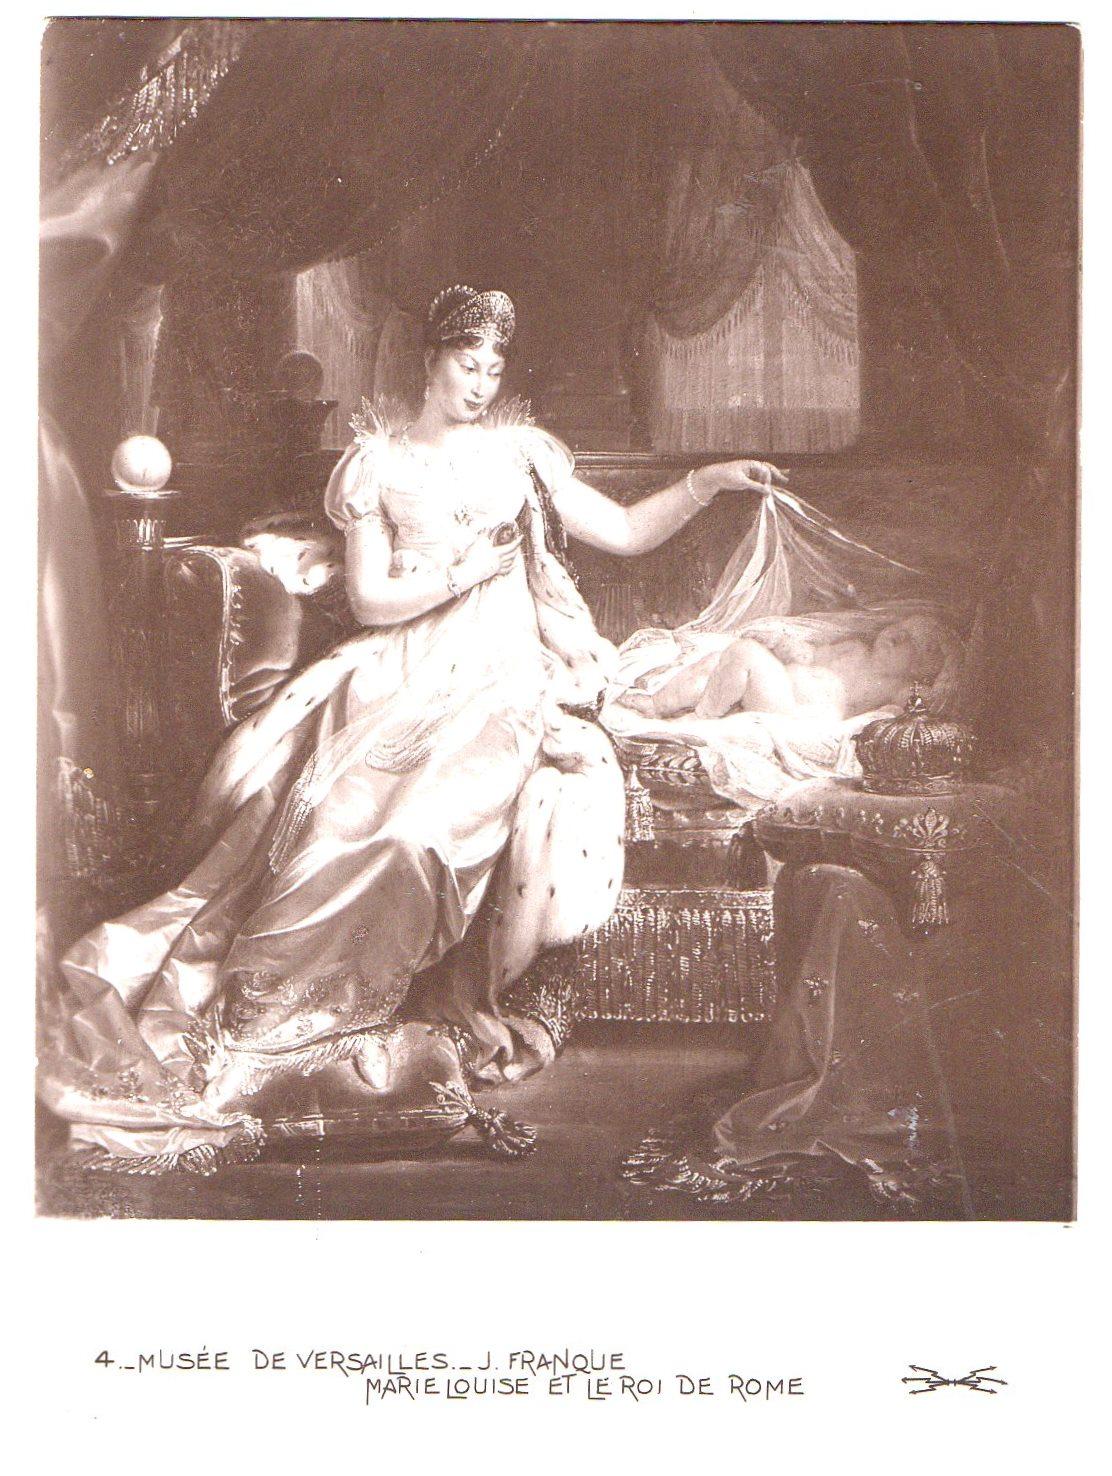 """Поштова листівка. """"Musée de Versailles._ J. Franque. Marie Louise et le roi de Rome / Музей """"Версаль""""._ Ж. Франк. Марія Луїза та король Риму"""""""